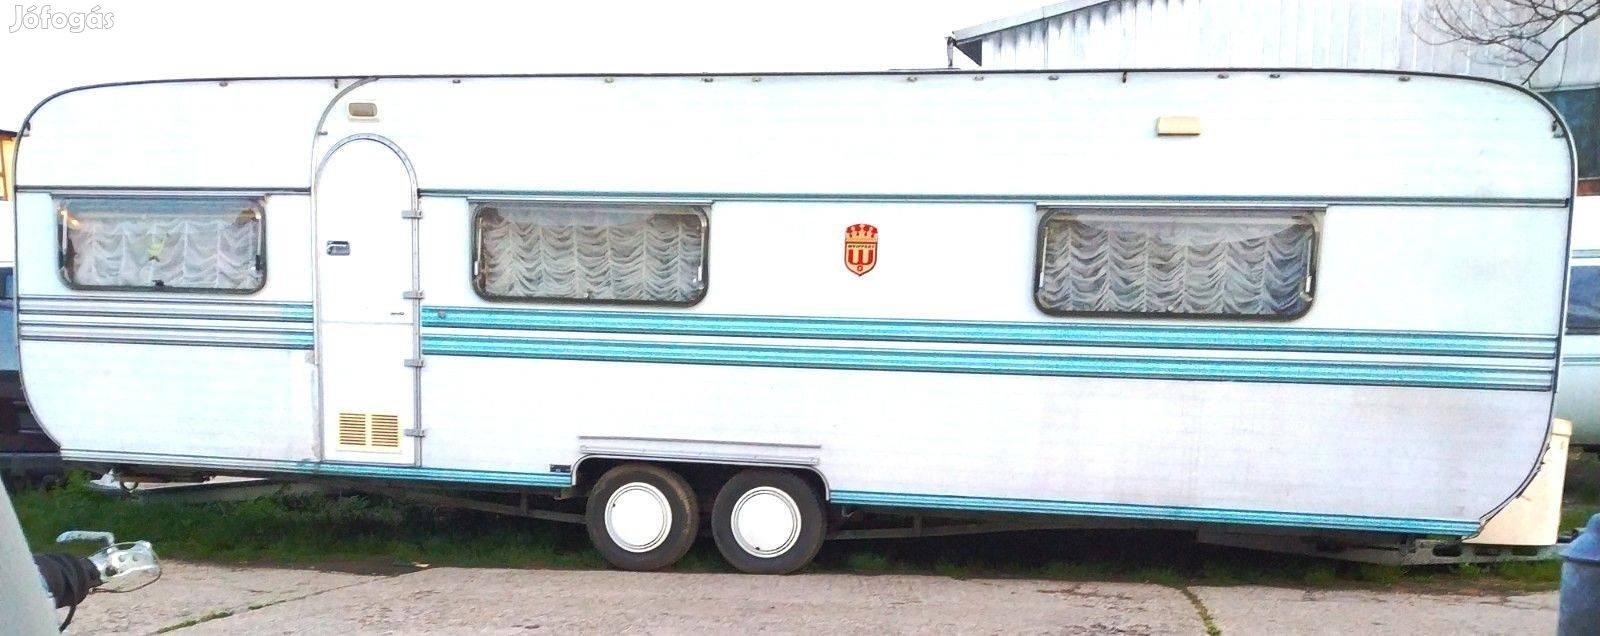 Weippert Luxus 8.2 m zuhanyzós lakókocsi külön konyhával